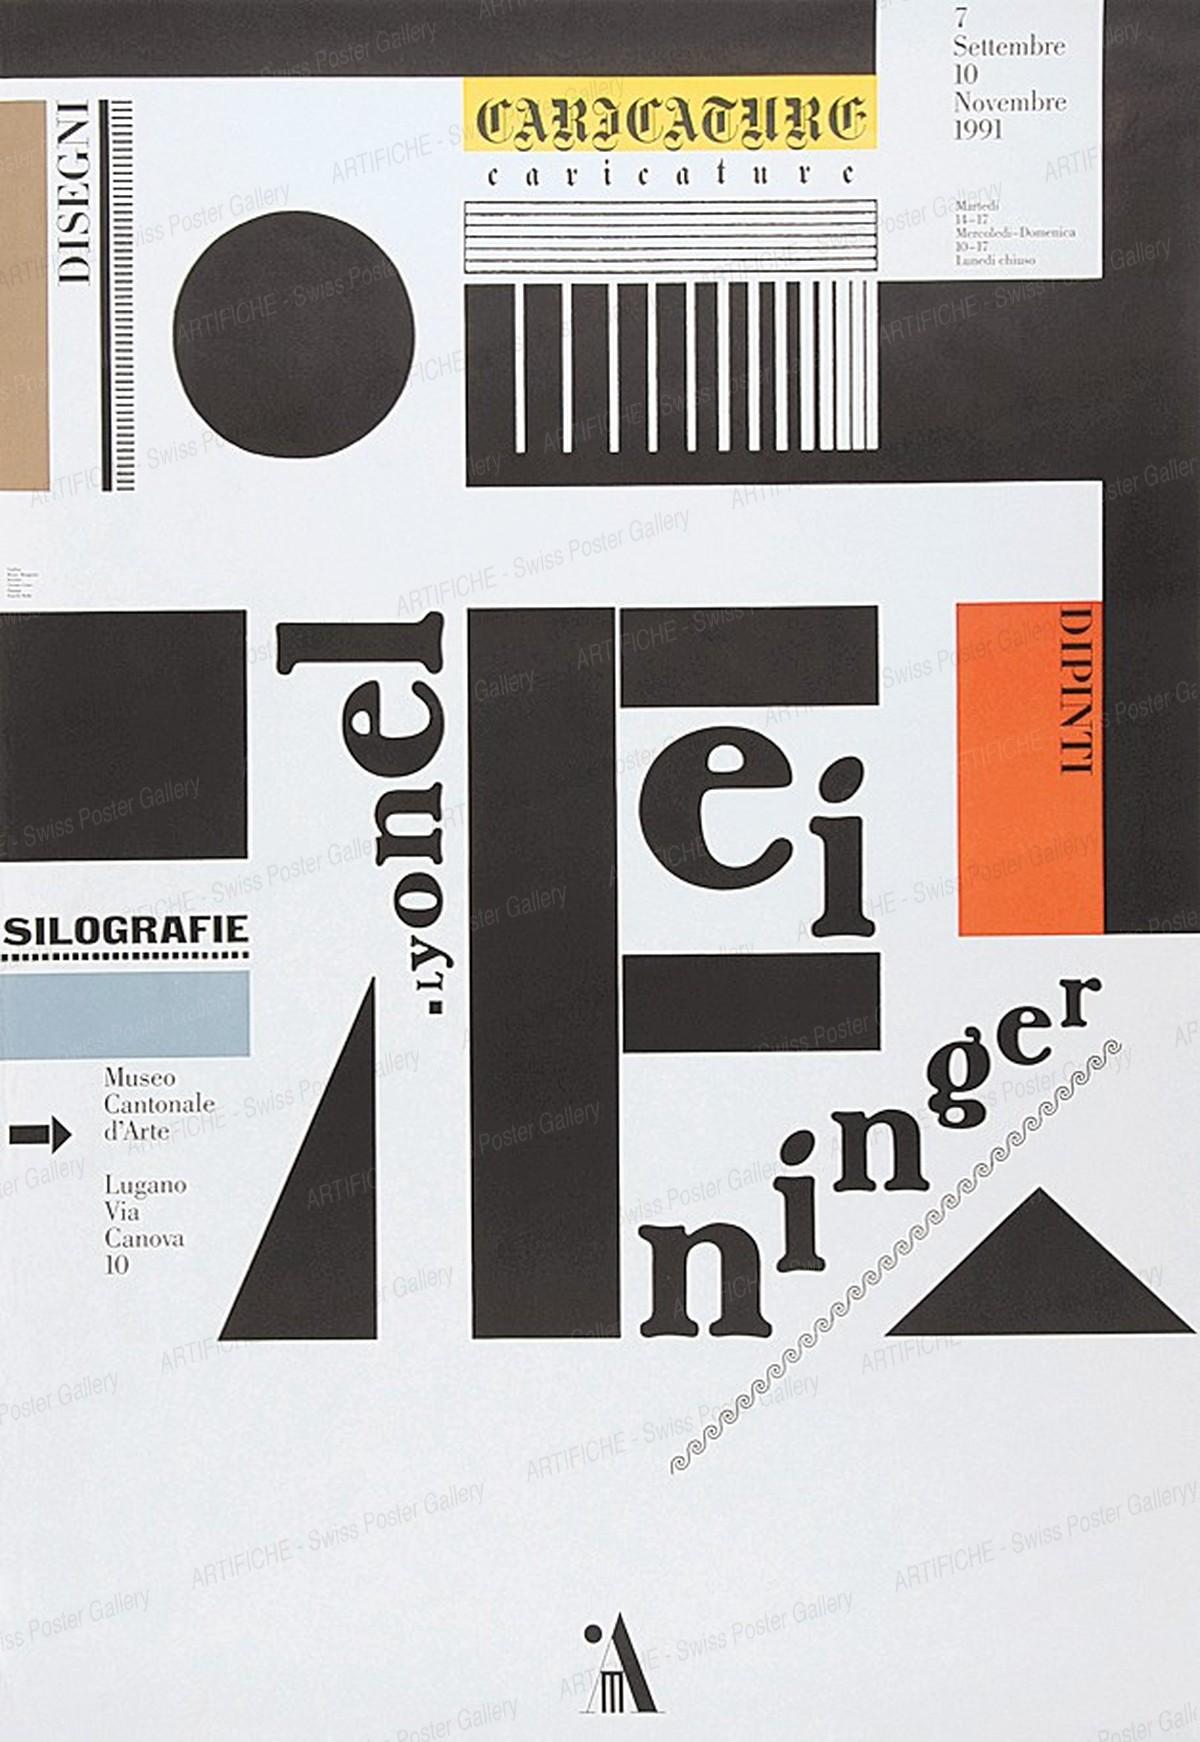 Museo Cantonale d'Arte Lugano – Lyonel Feininger, Bruno Monguzzi